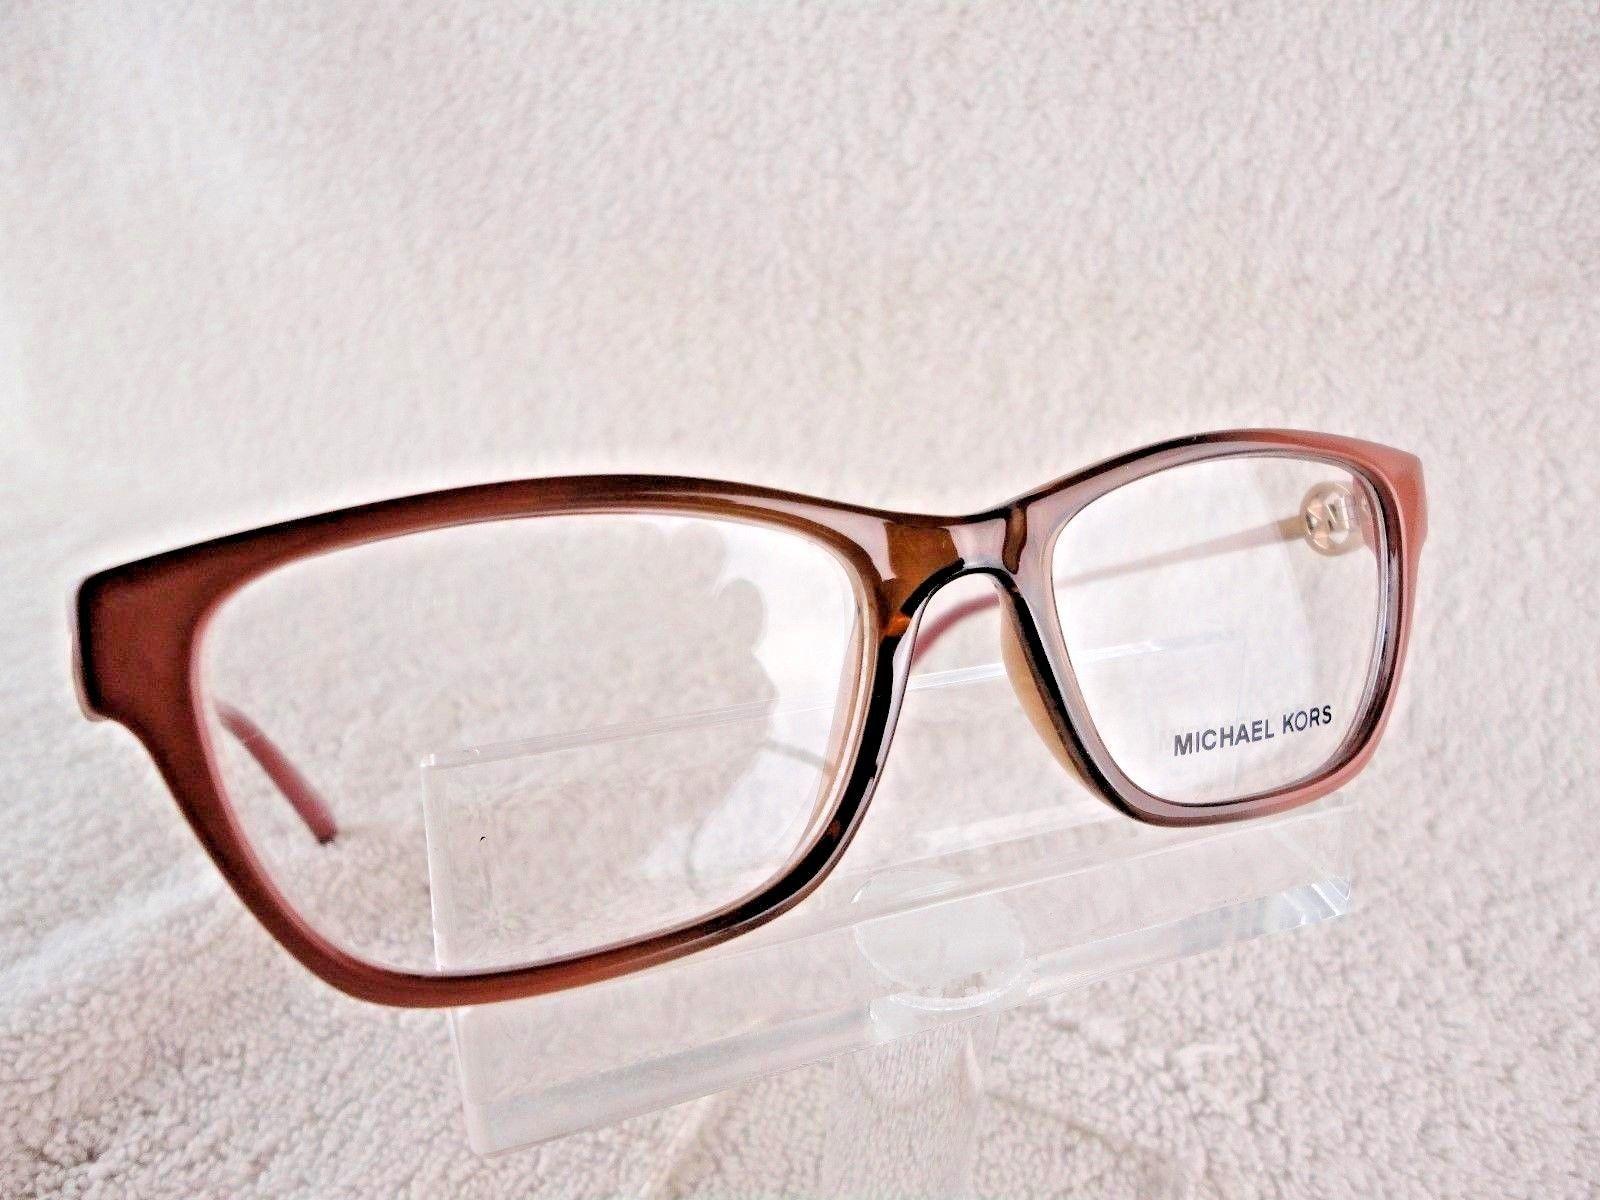 Michael KORS MK 8005 (Deer Valley) Brown Rio (3008) 50X16 135mm Eyeglass Frame